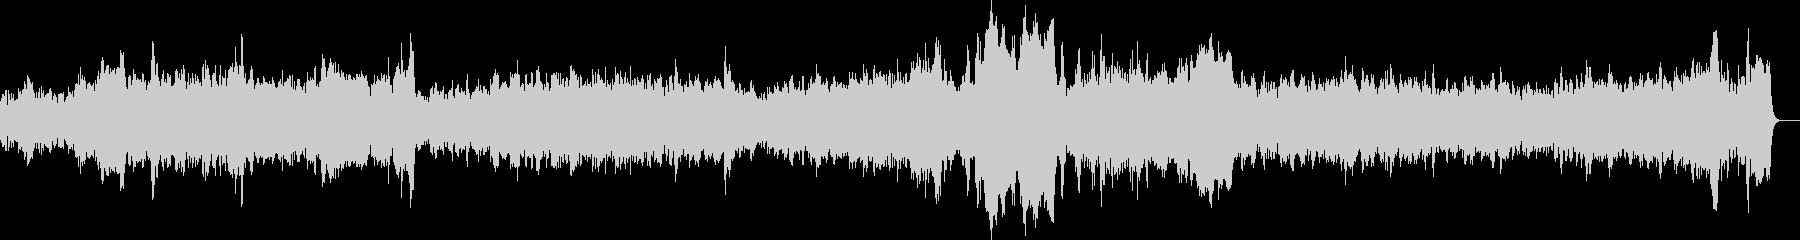 2台のオルガンの曲(バッハ)の未再生の波形